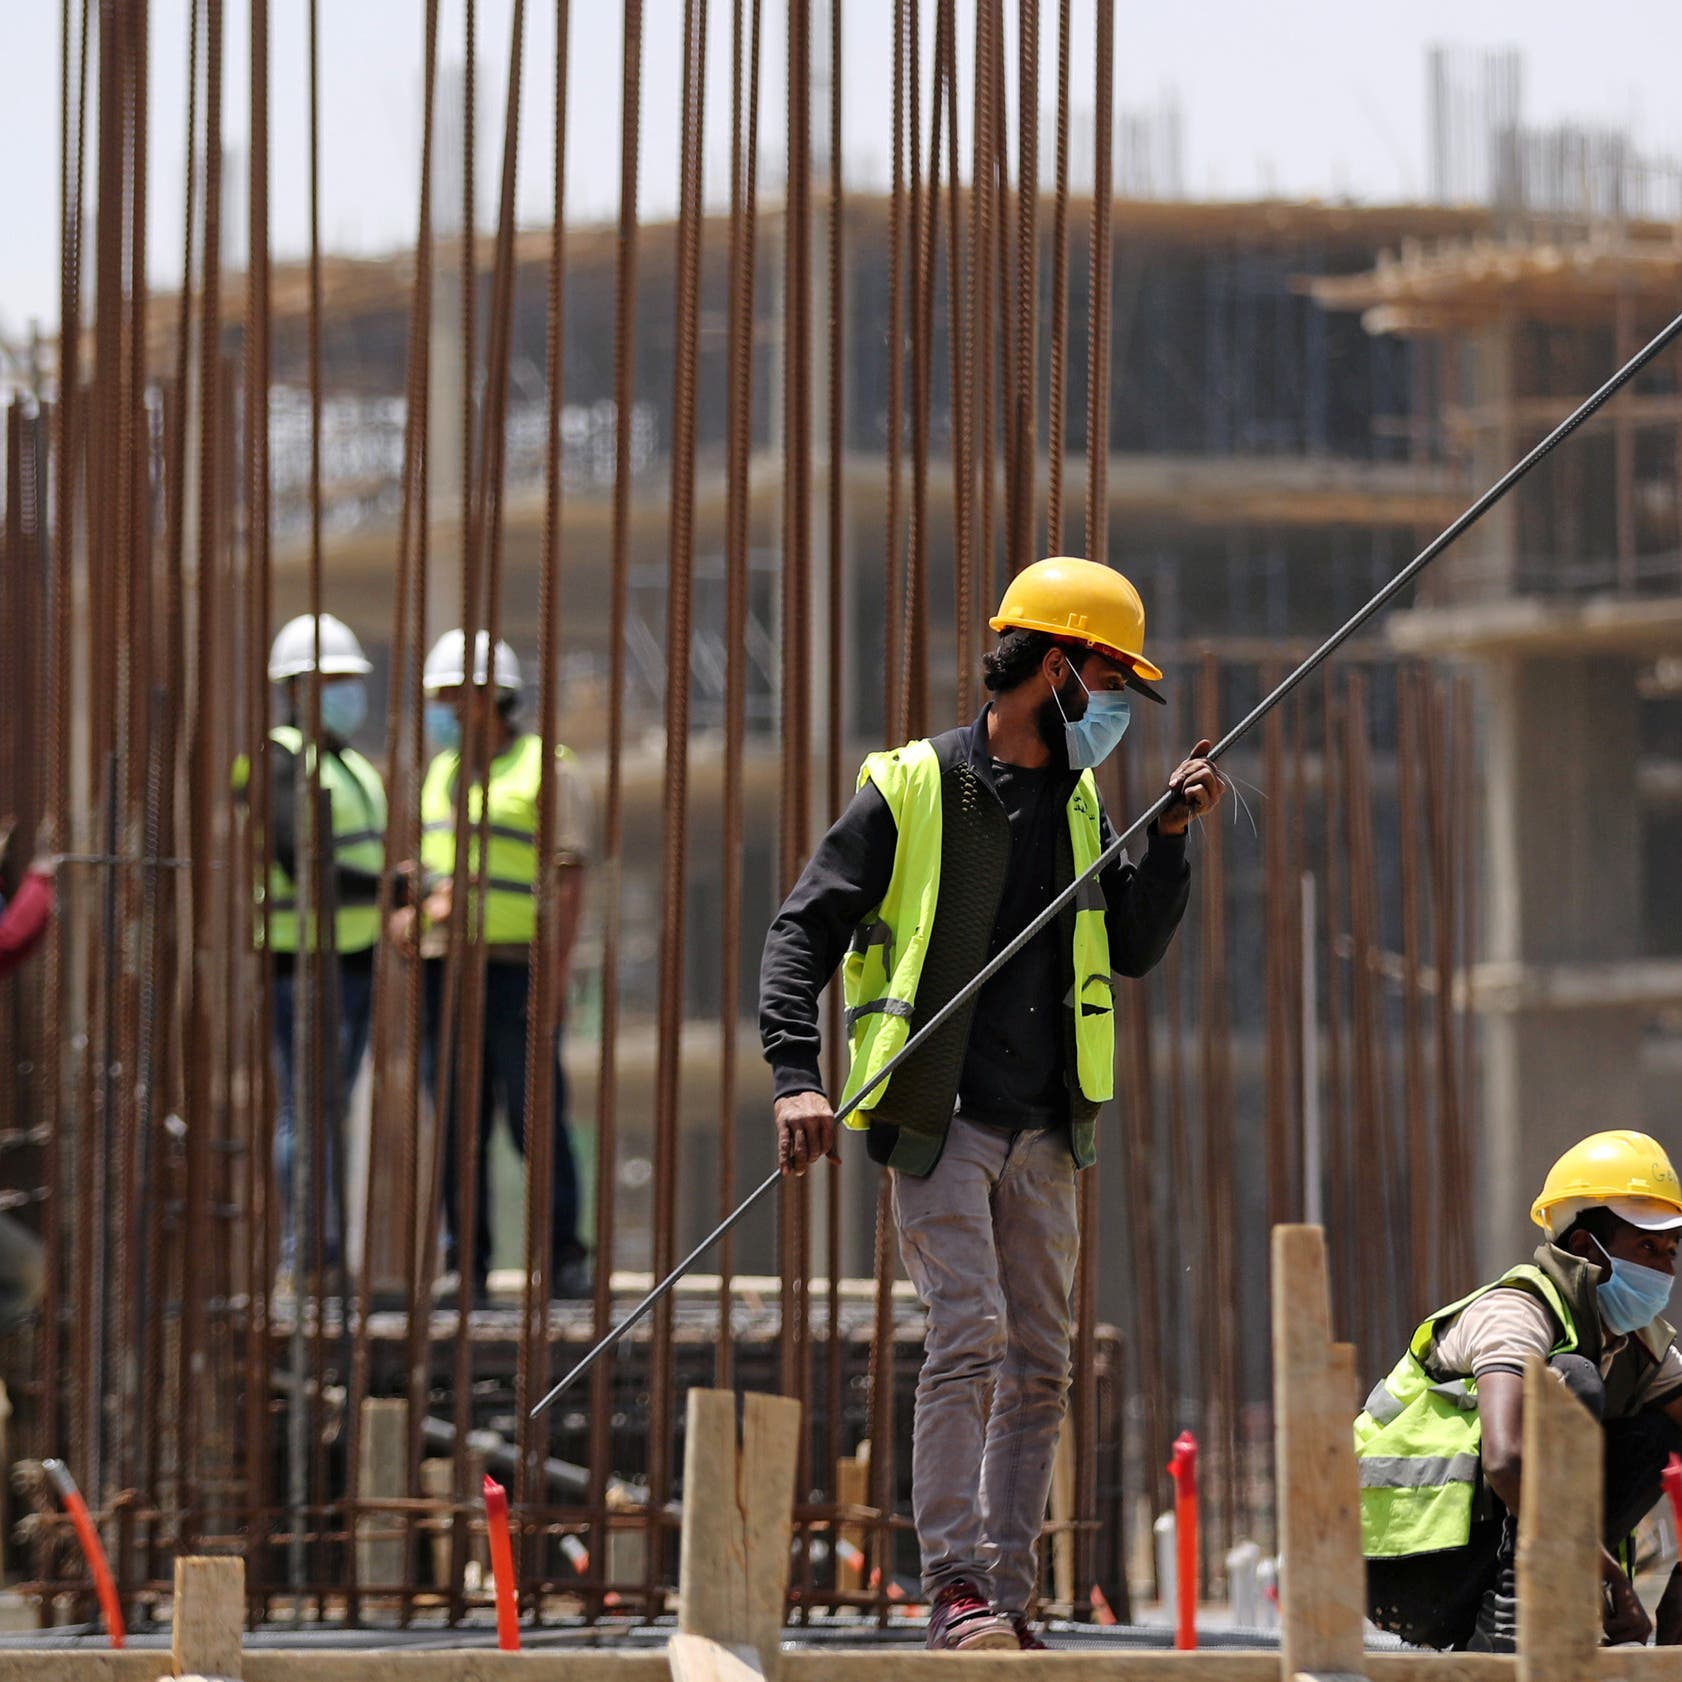 رقم ضخم لمحفظة التنمية في مصر حتى 2020